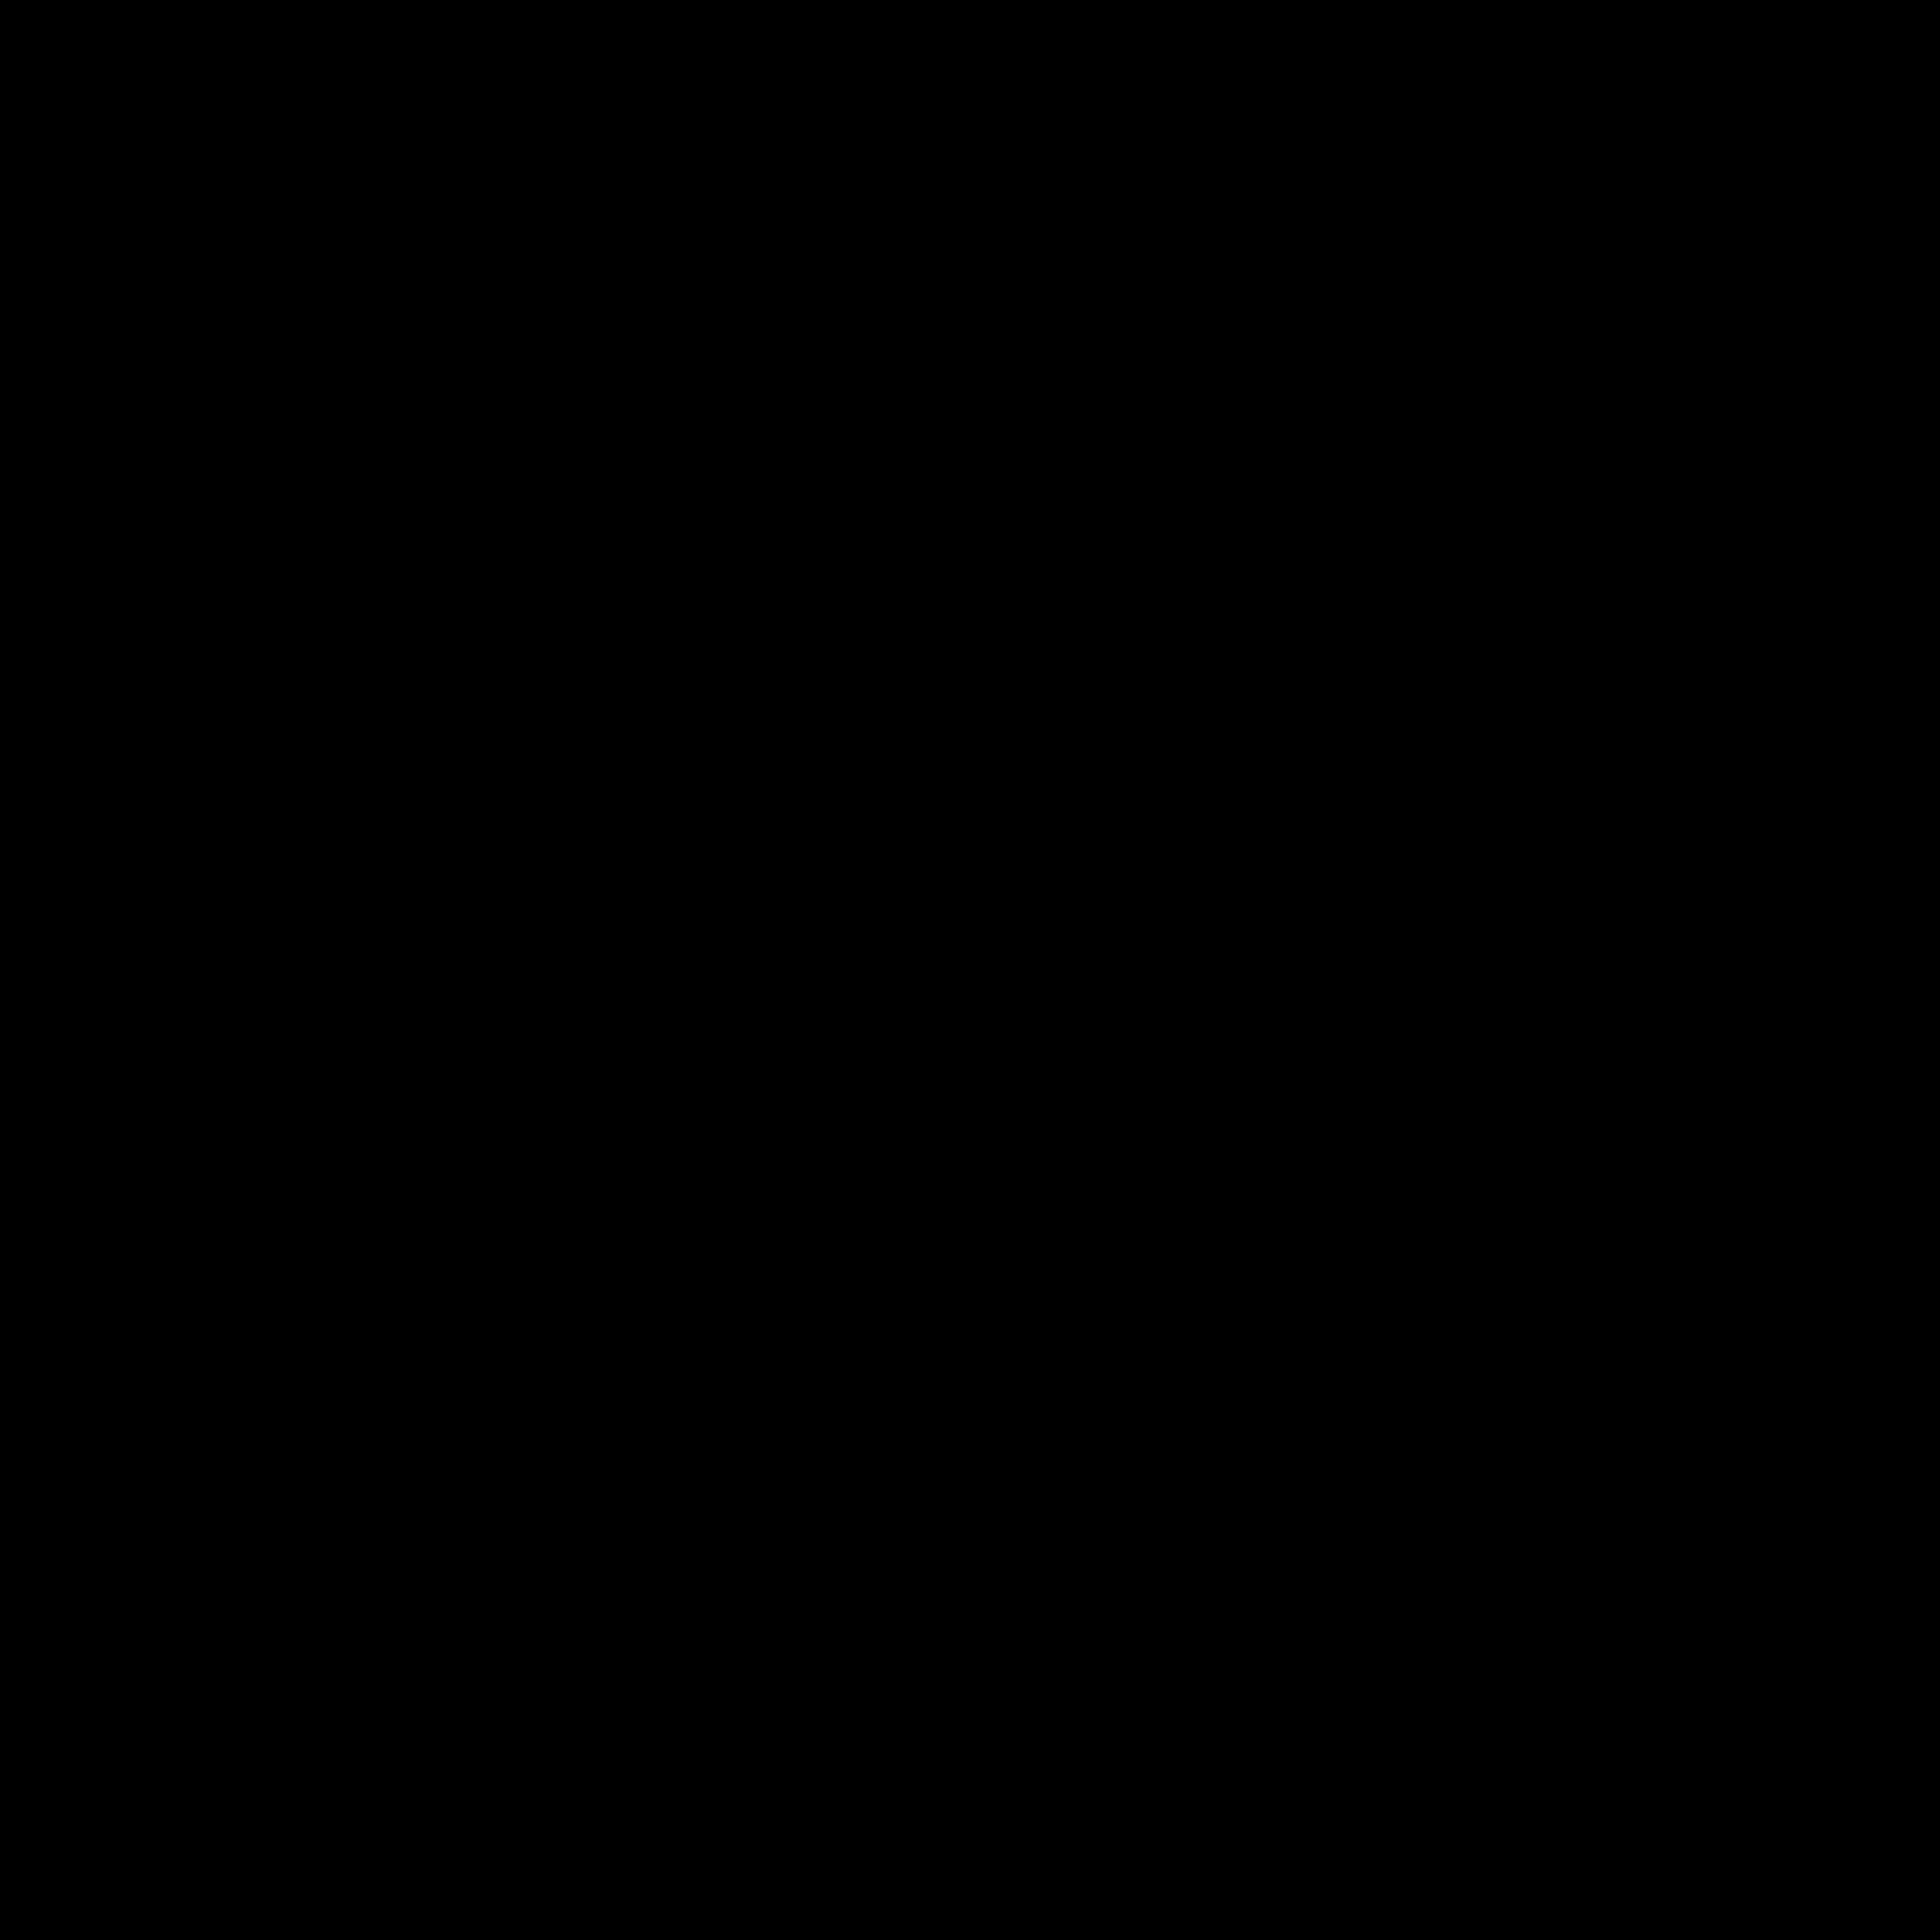 0ec635023e Cacharel Lingerie Logo PNG Transparent & SVG Vector - Freebie Supply